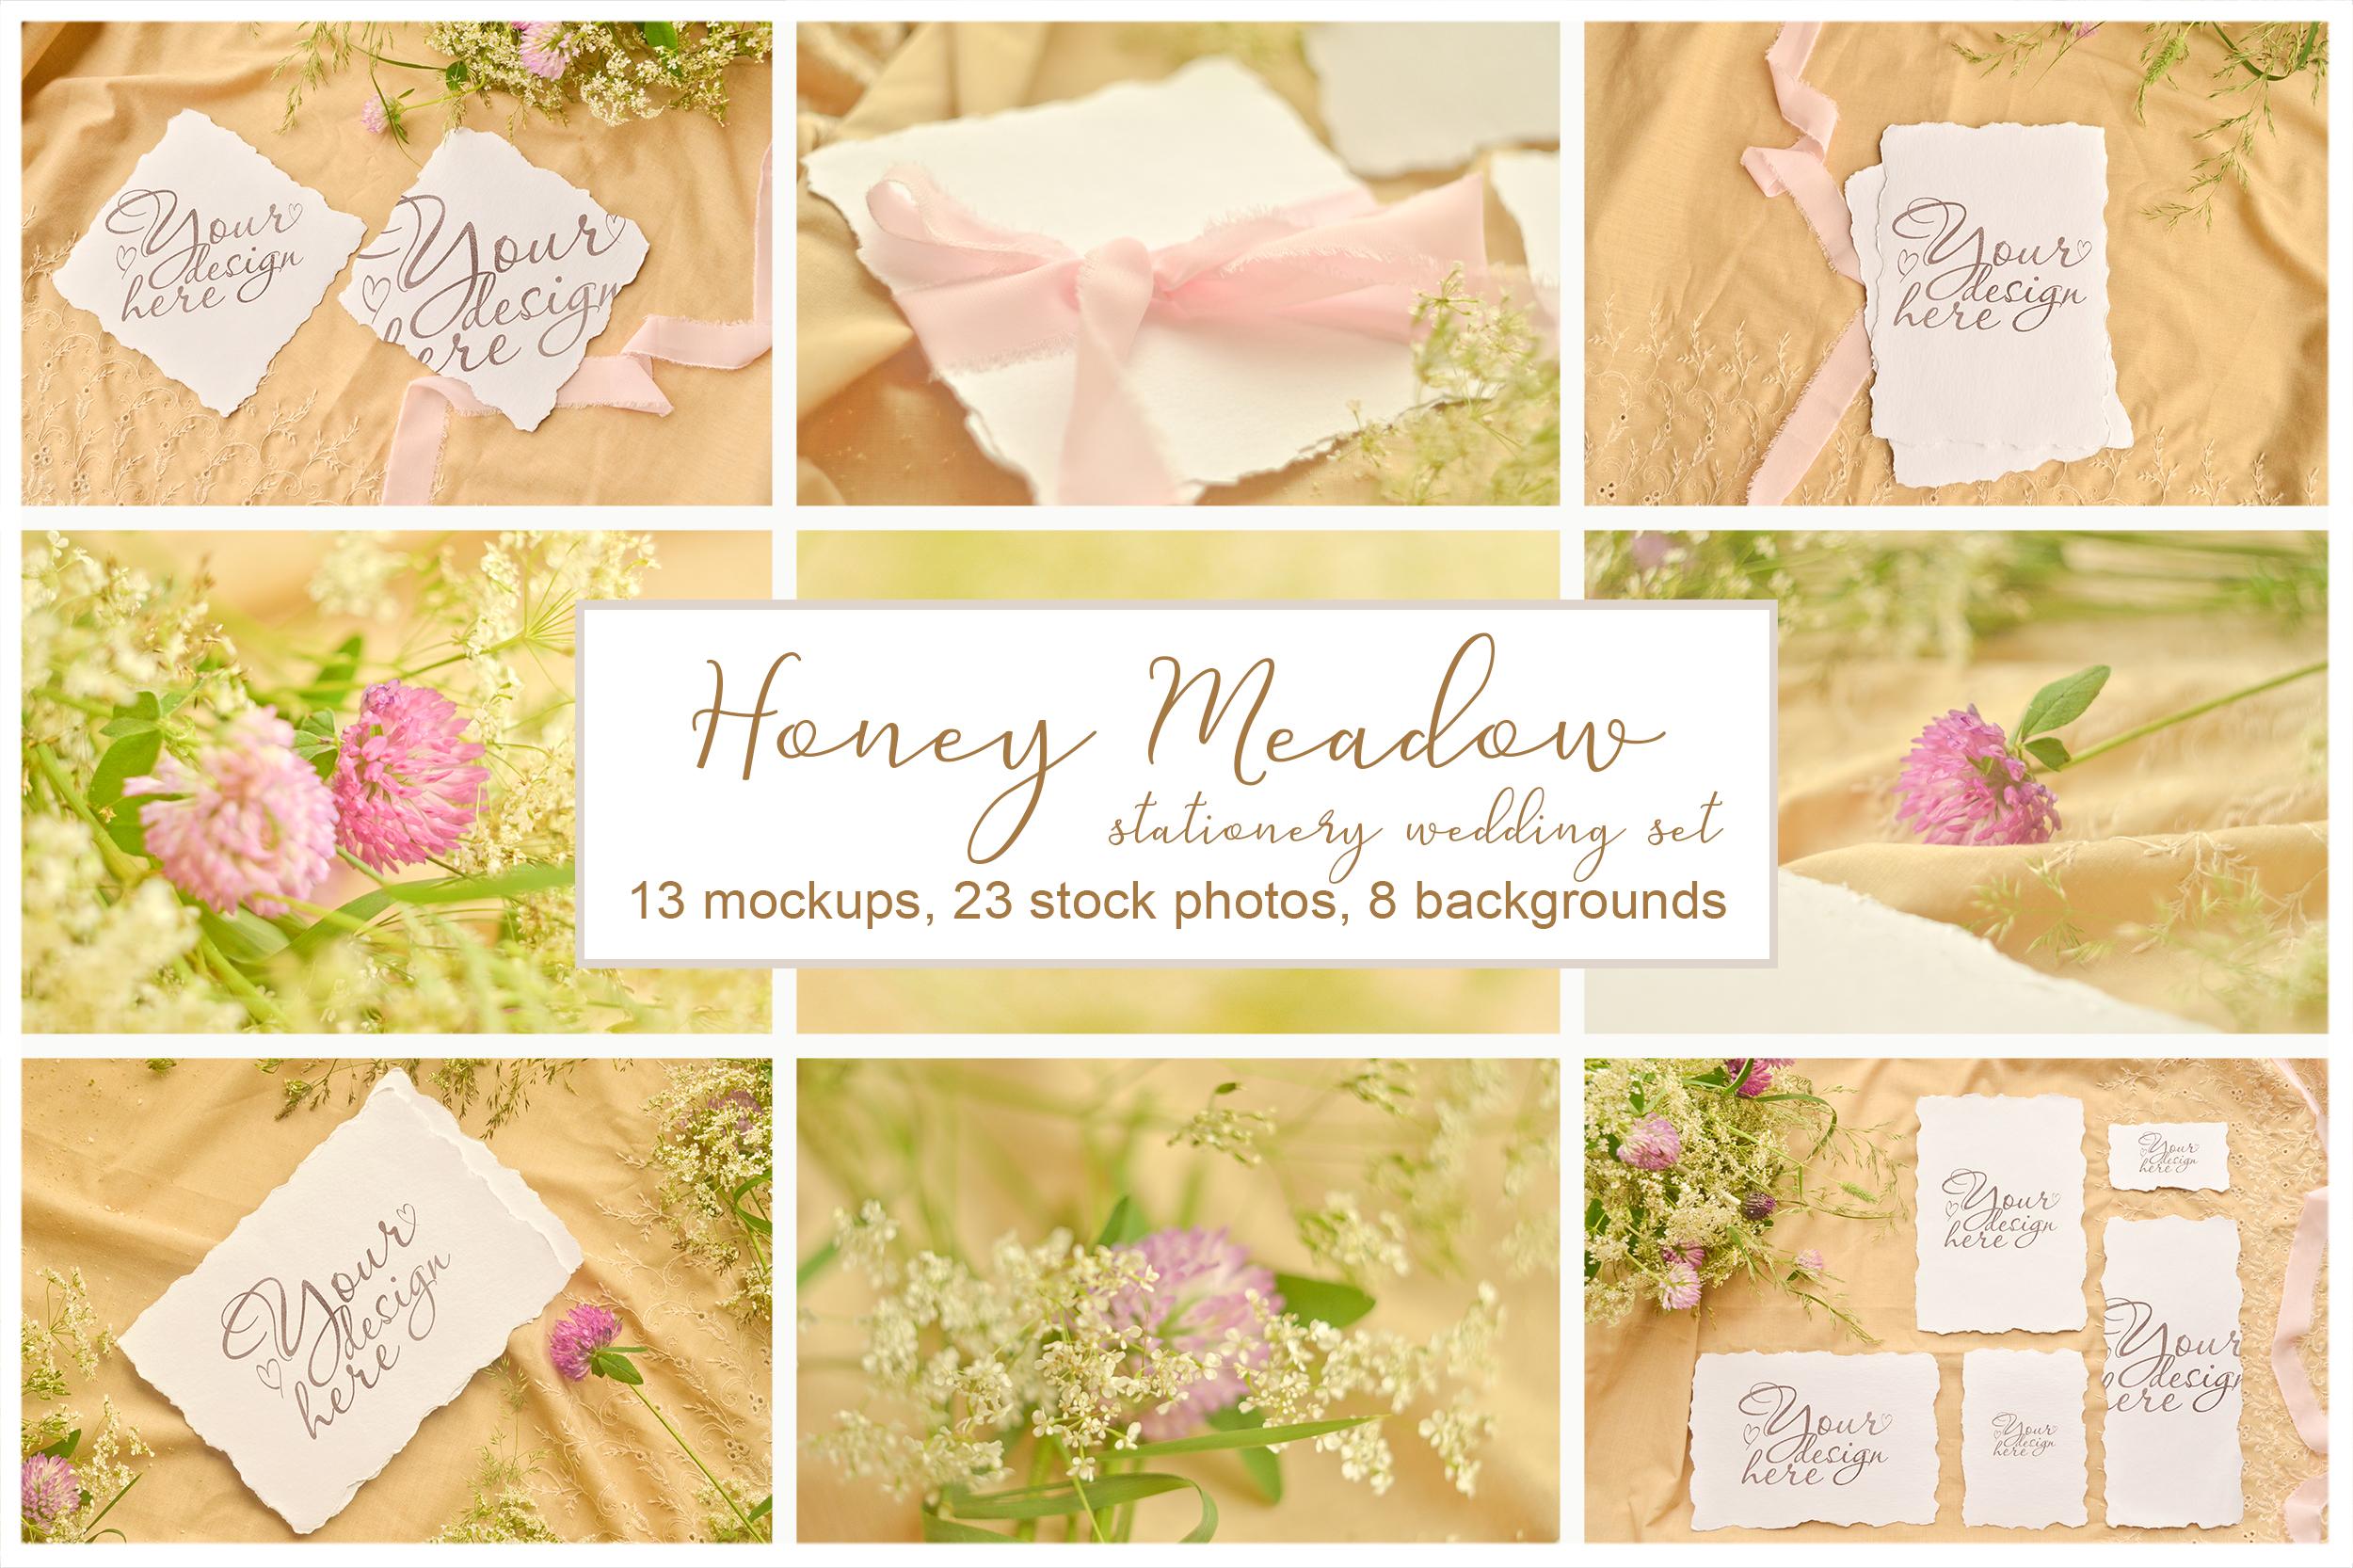 Honey Meadow. Wedding mockups & stock photo bundle example image 1